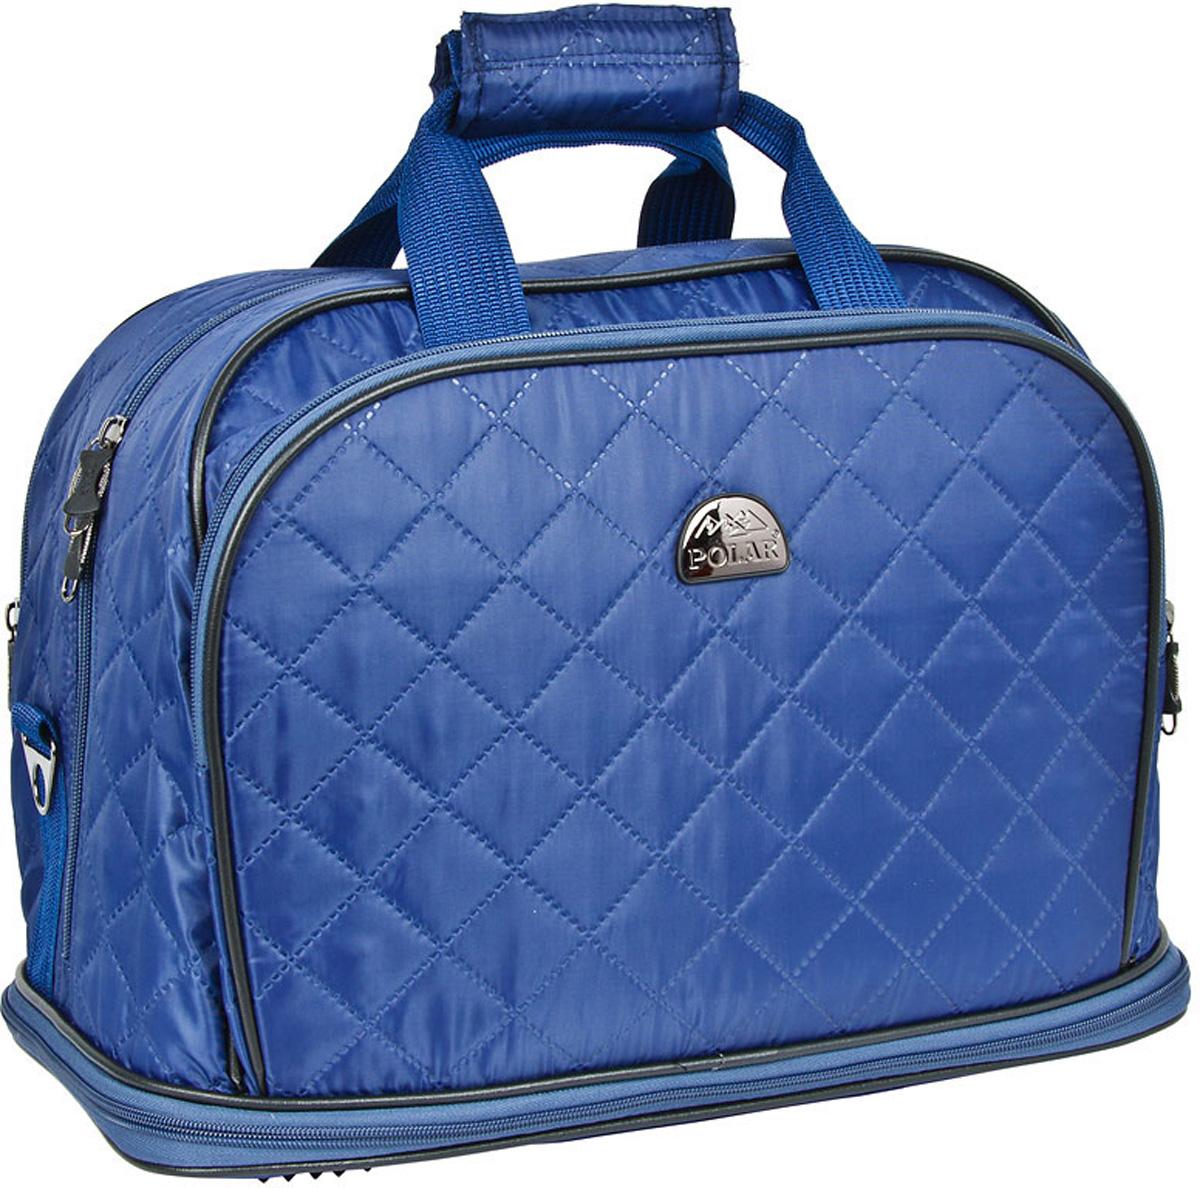 Сумка дорожная Polar Стежка, раздвижная, цвет: синий, 29 л, 40 х 30 х 24 см. 7055.17055.1Дорожная сумка Polar Стежка выполнена из плотного полиэстера и оформлена стеганой прострочкой. Сумка имеет одно большое отделение на застежке-молнии. Сумку можно увеличить в длину на 13 см. На передней стенке сумки предусмотрено два кармана на молниях. Высота ручек 17 см.Имеется съемный плечевой ремень, что бы носить сумку через плечо.